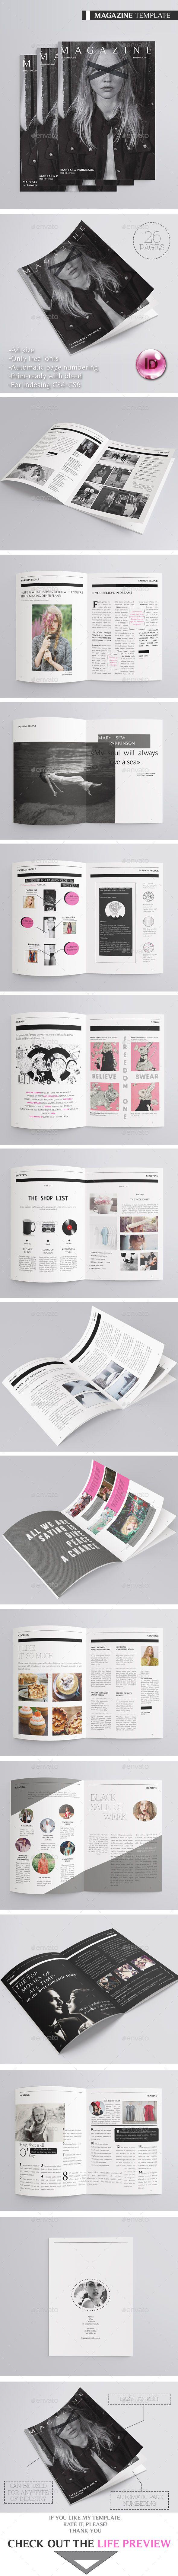 Multipurpose Magazine 26 Pages | Revistas